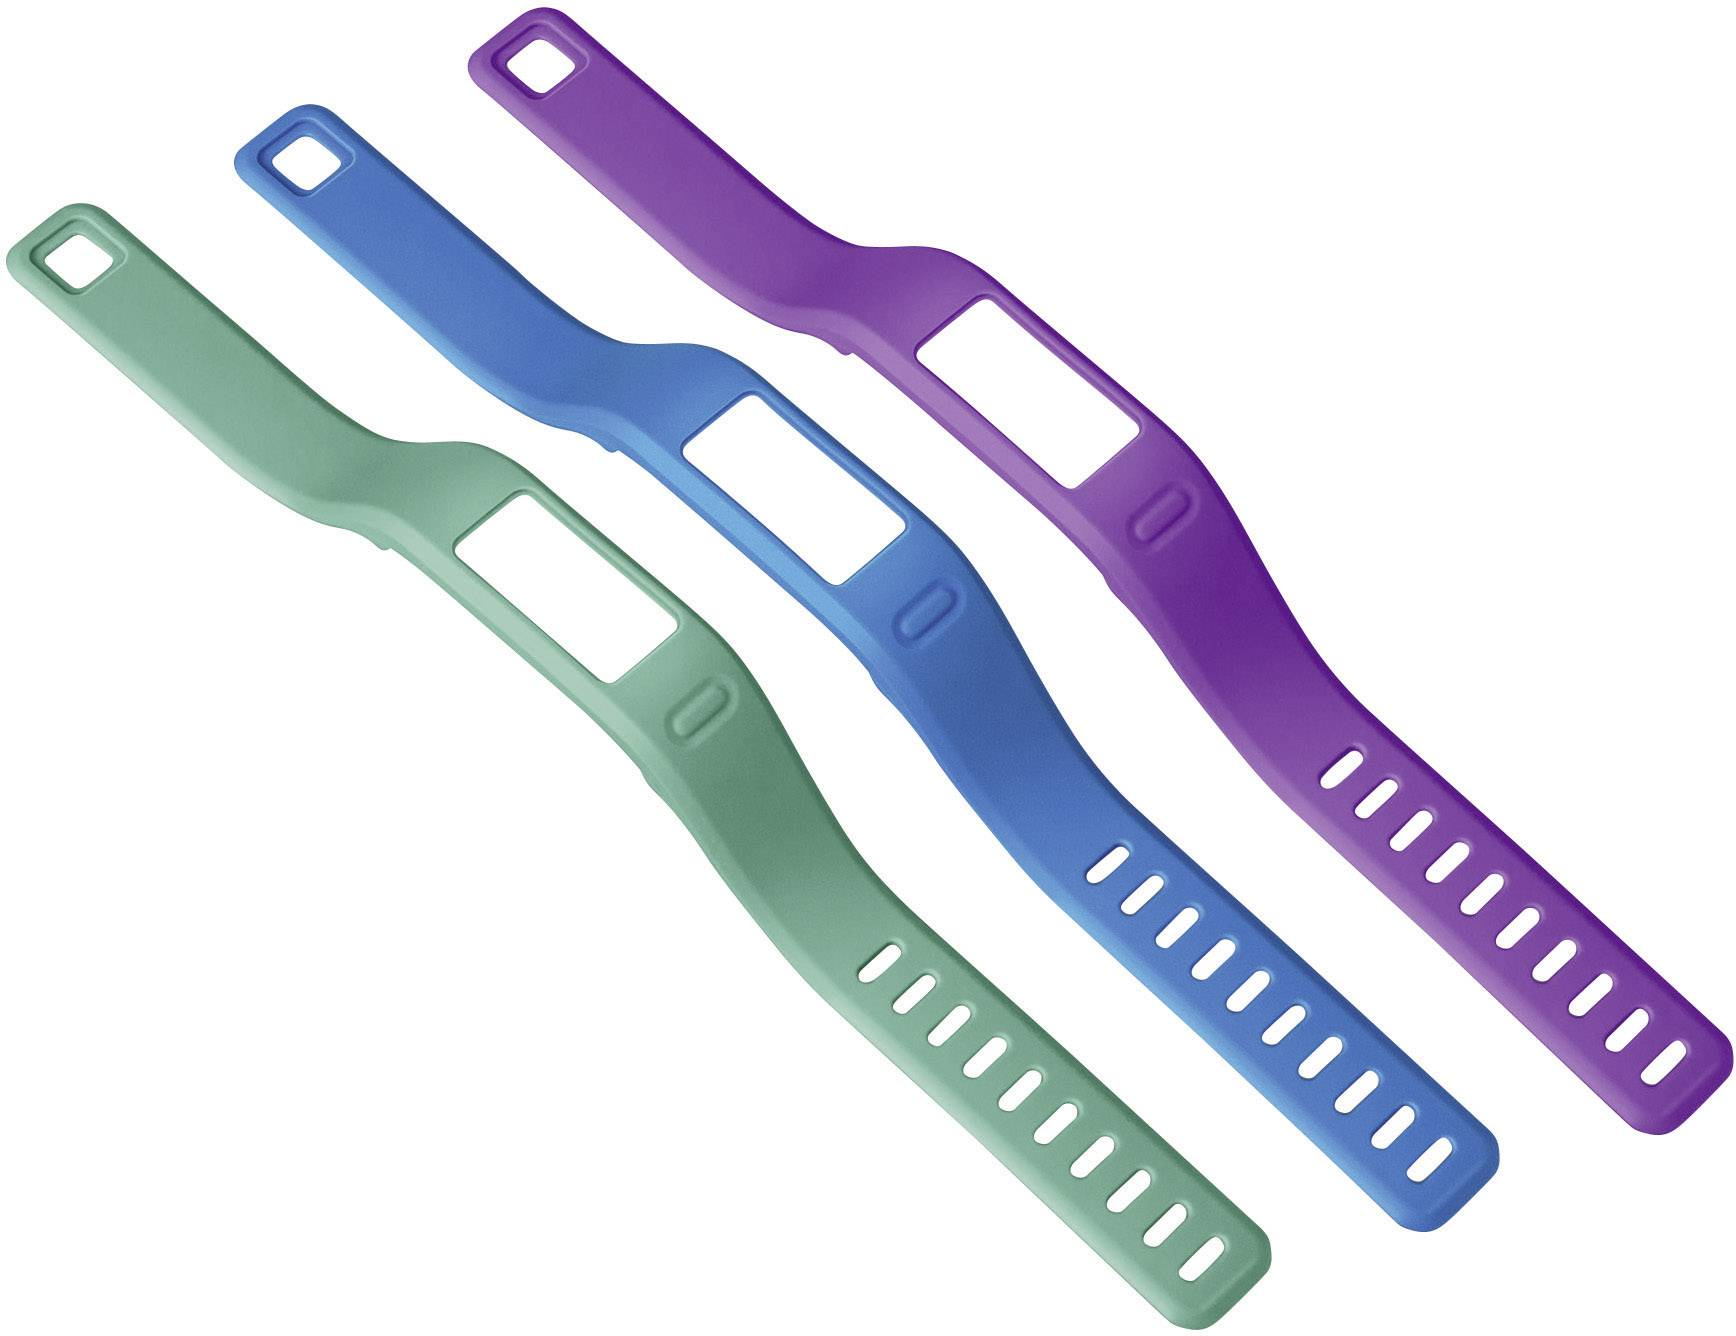 Náhradný remienok pre Garmin 010-12149-00, veľkosť L, zelená, purpurová, modrá, 3 ks